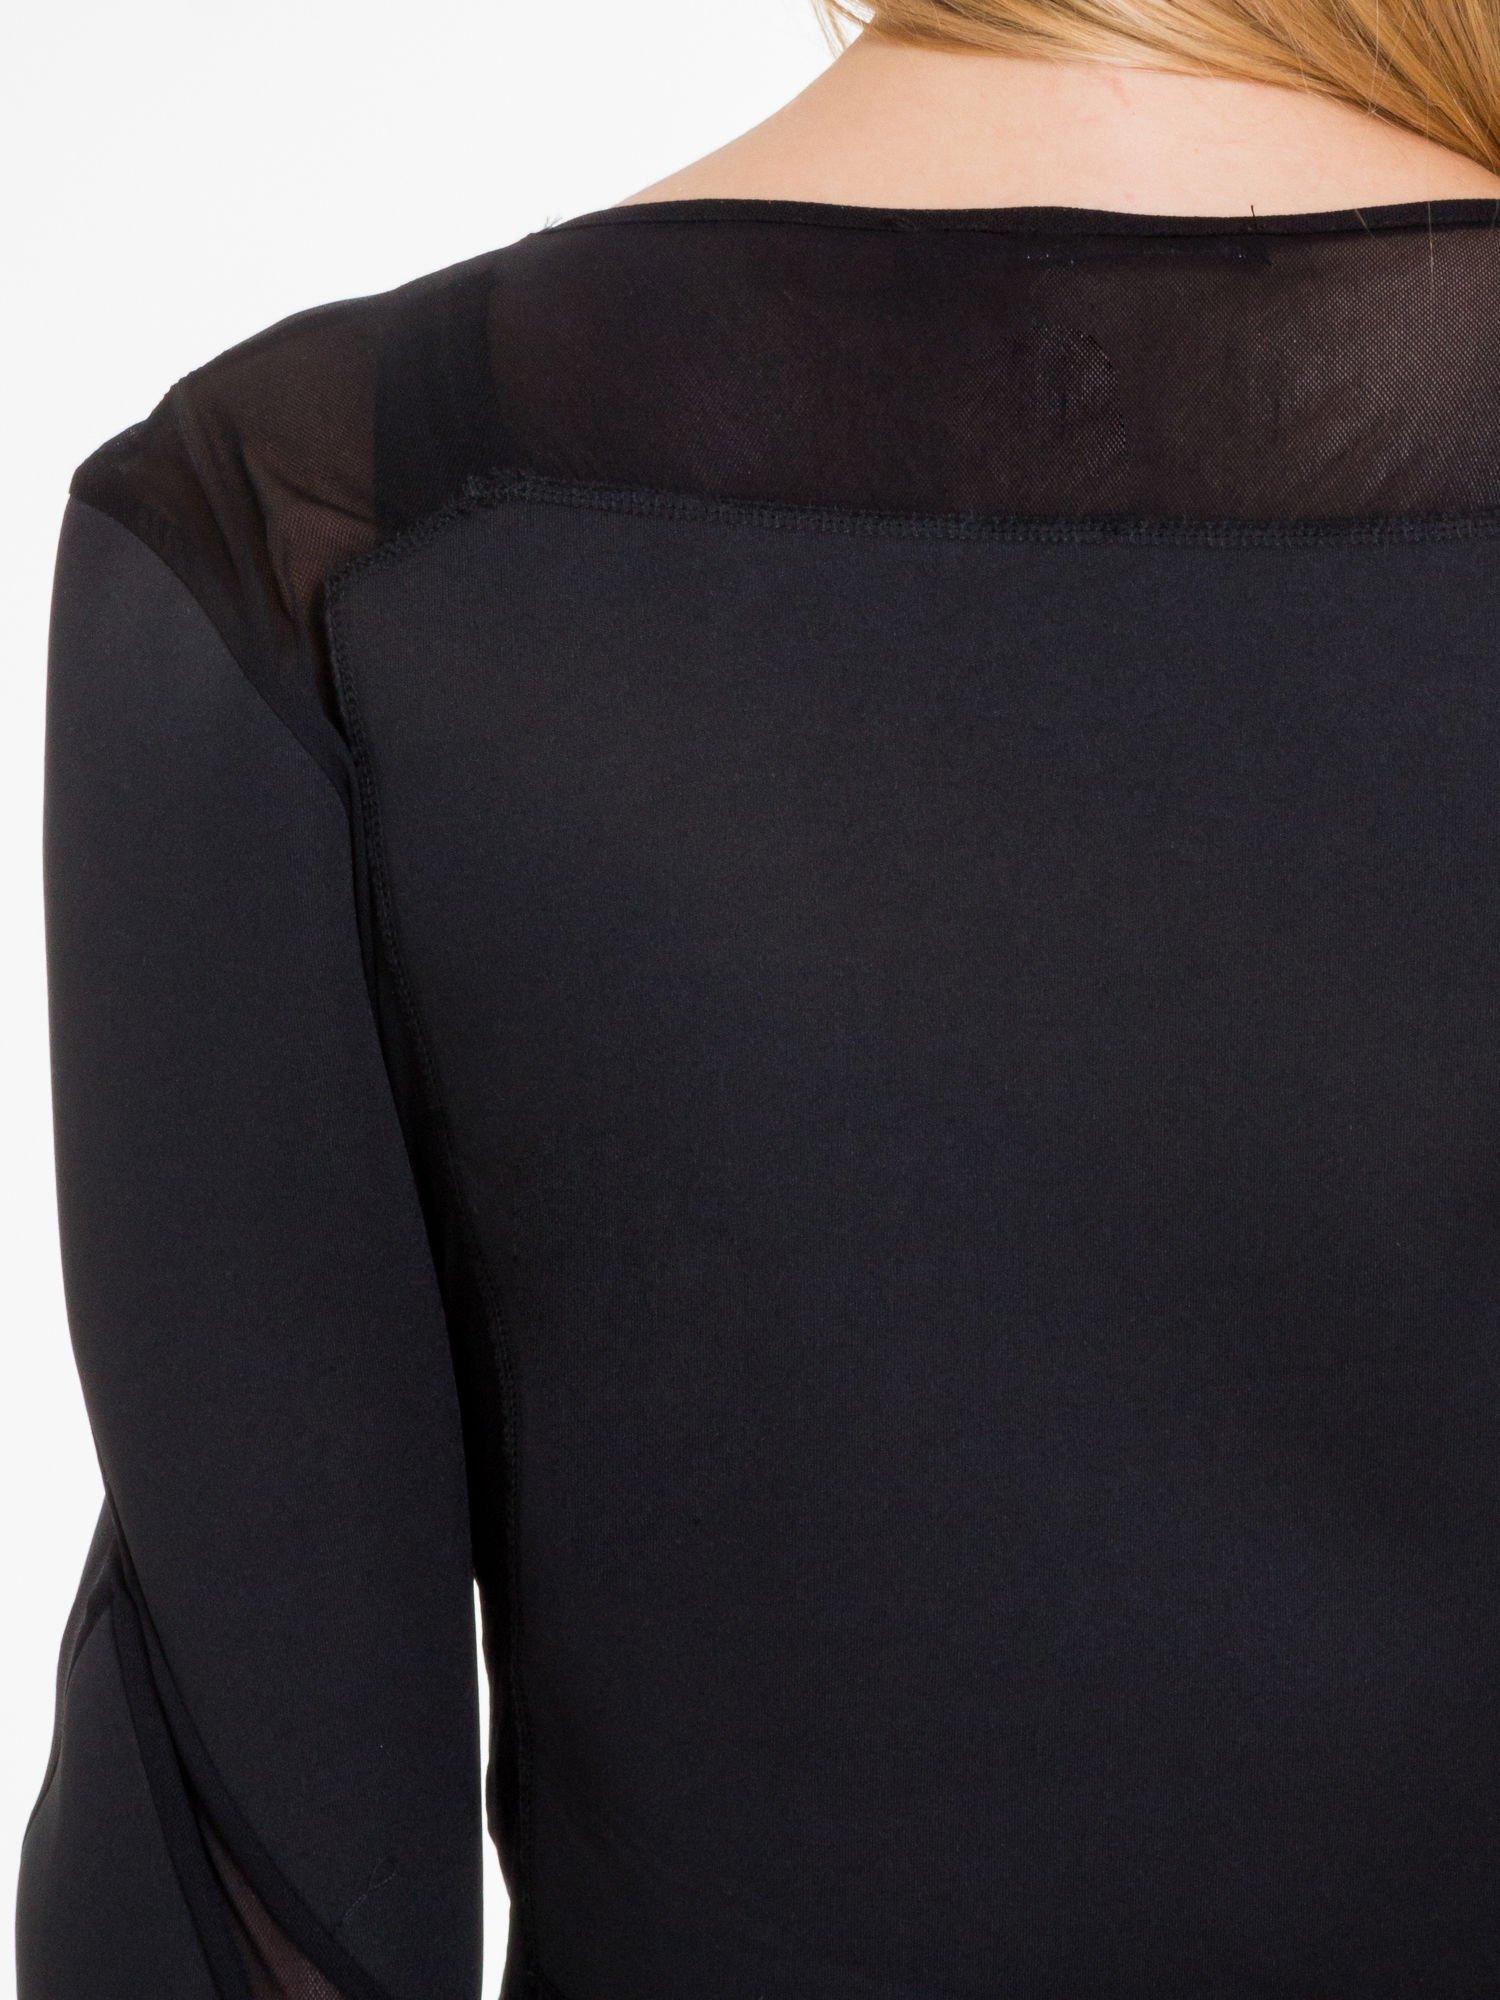 Czarna bluzka z neoprenu z tiulowymi wstawkami                                  zdj.                                  8